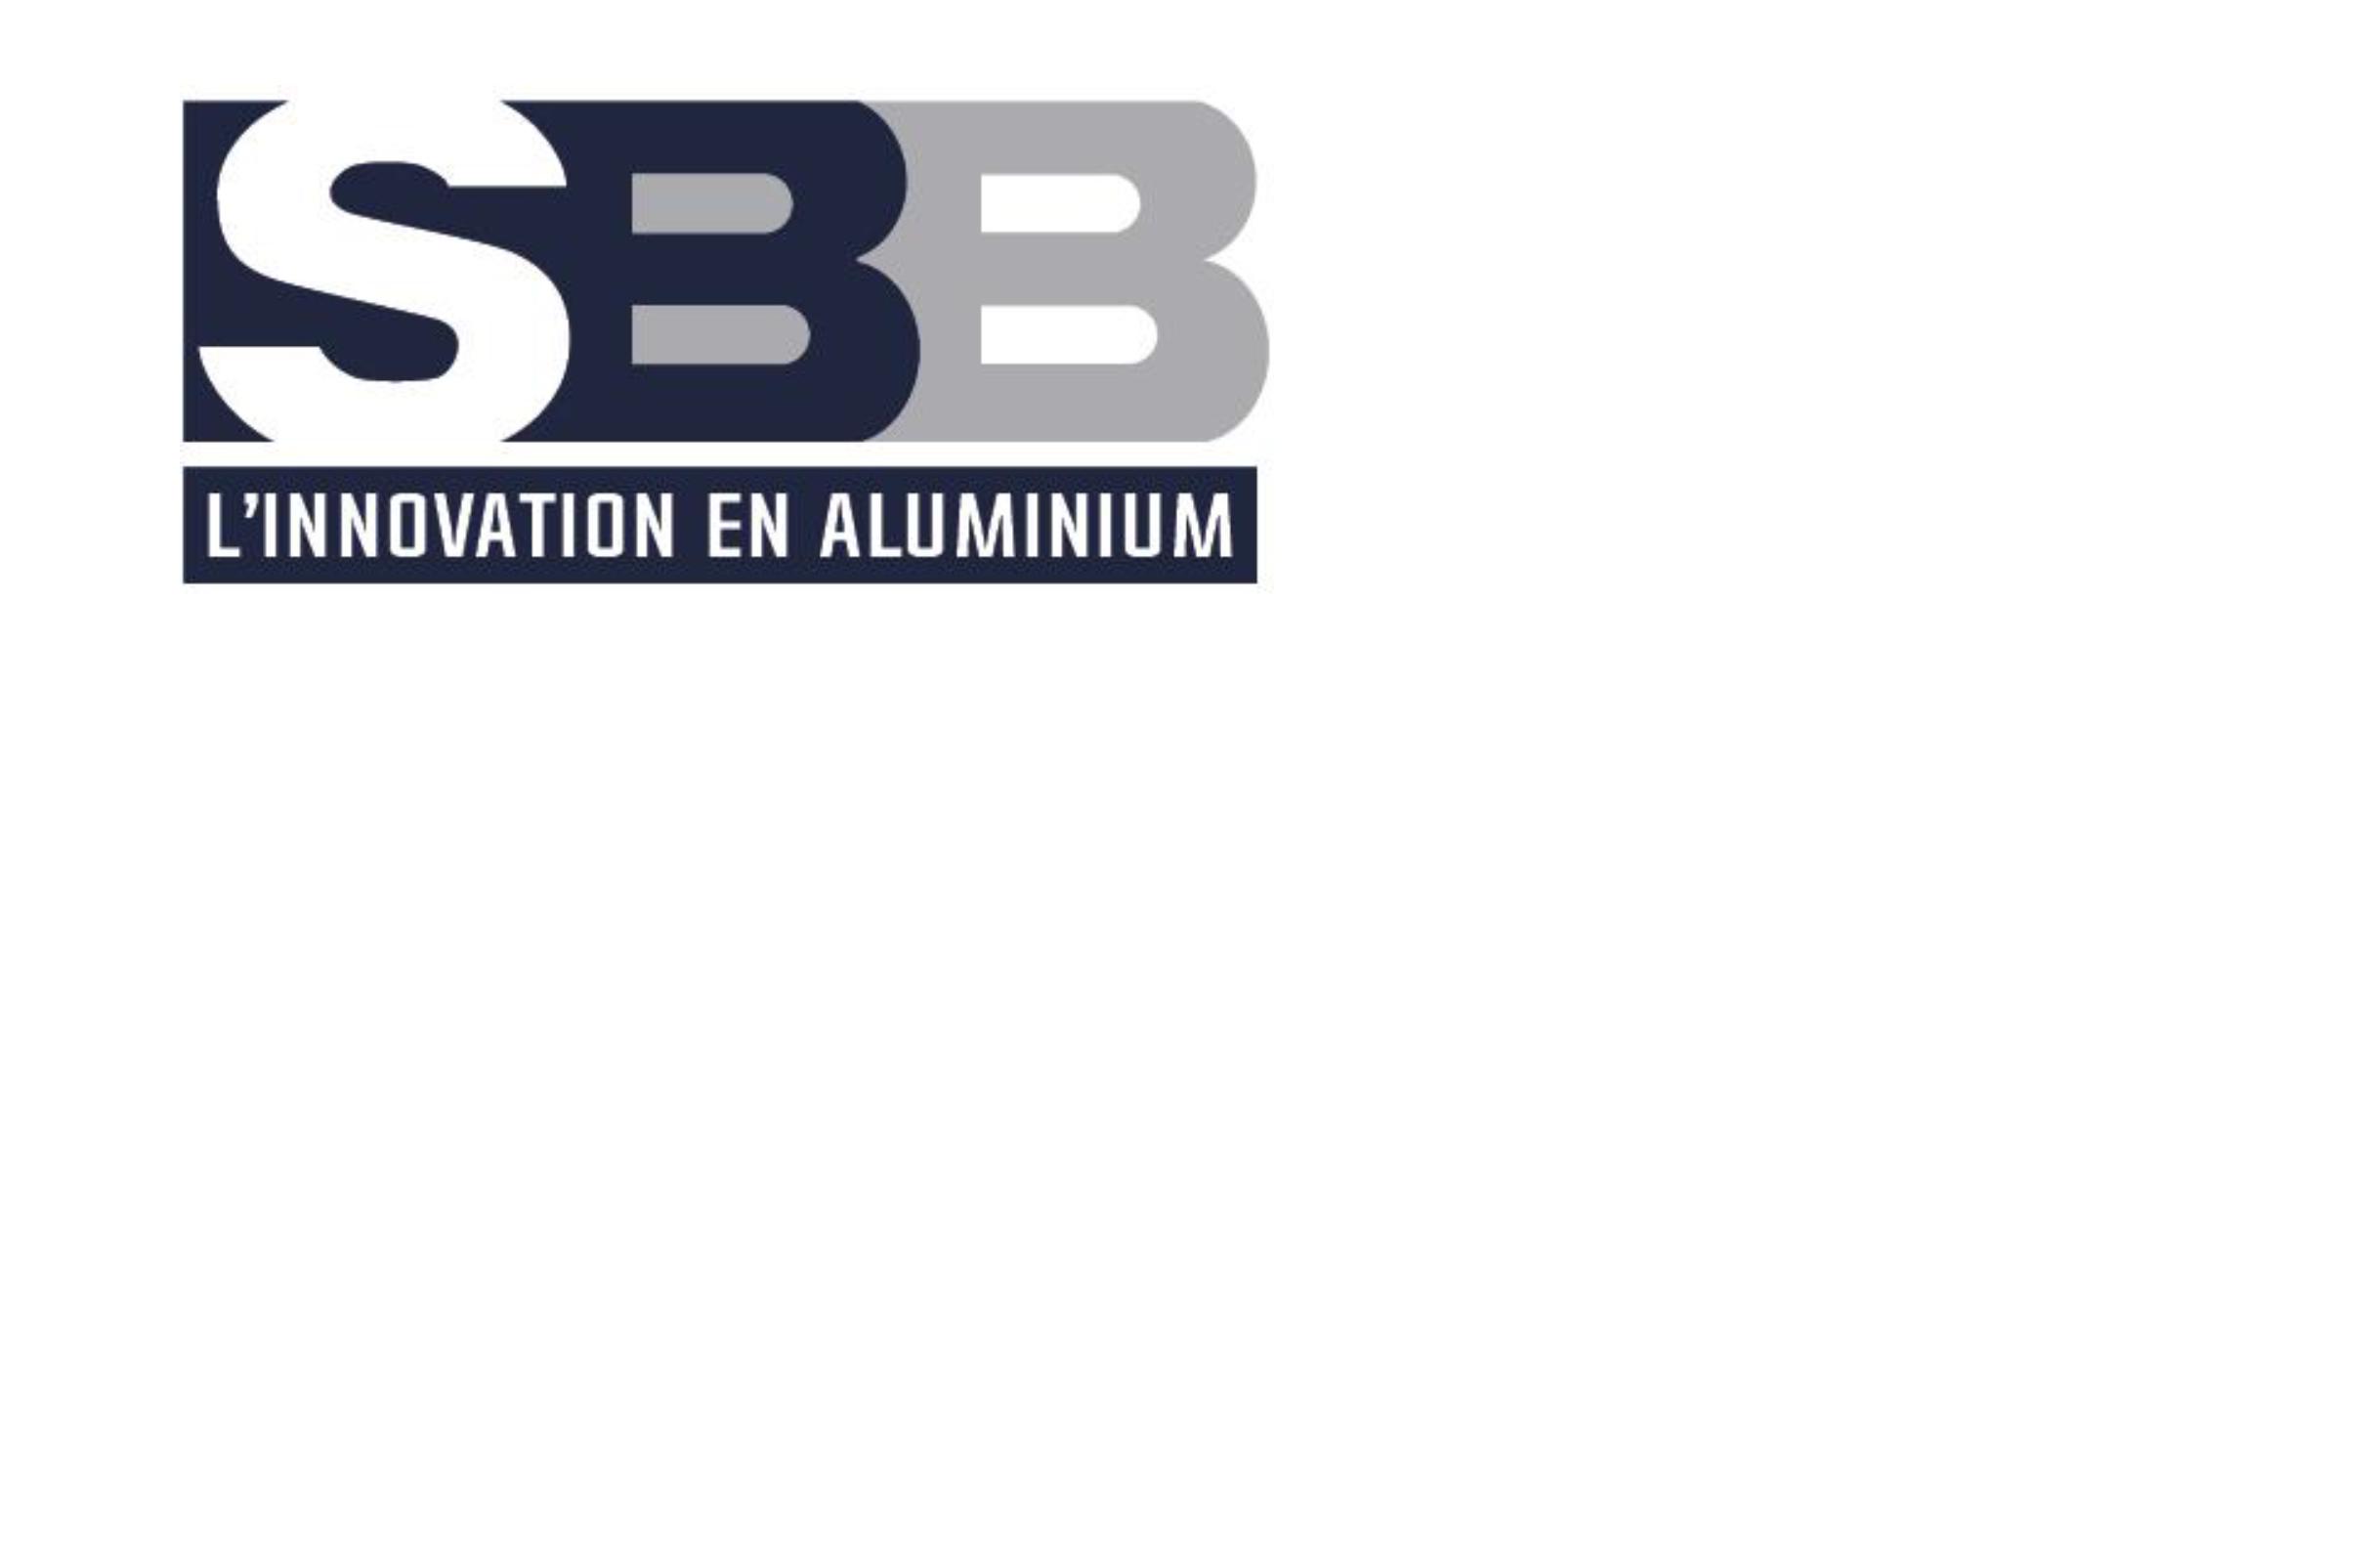 Acier Profilé SBB Inc.